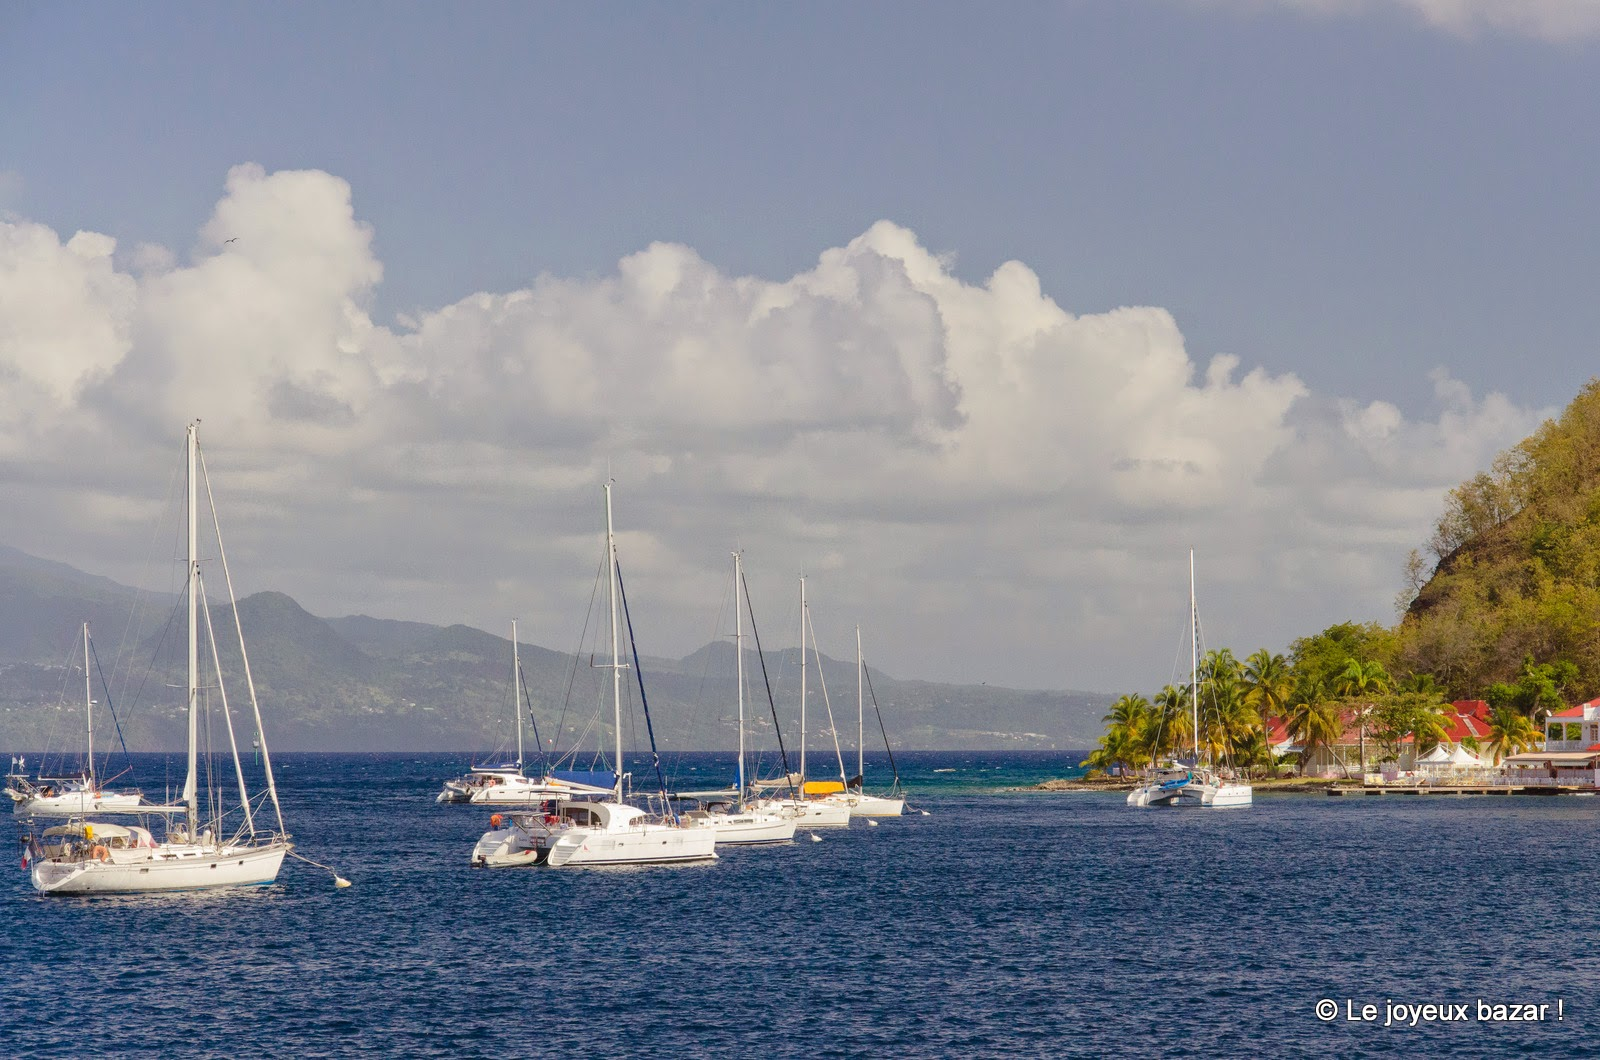 Guadeloupe - Les Saintes - Terre de Haut